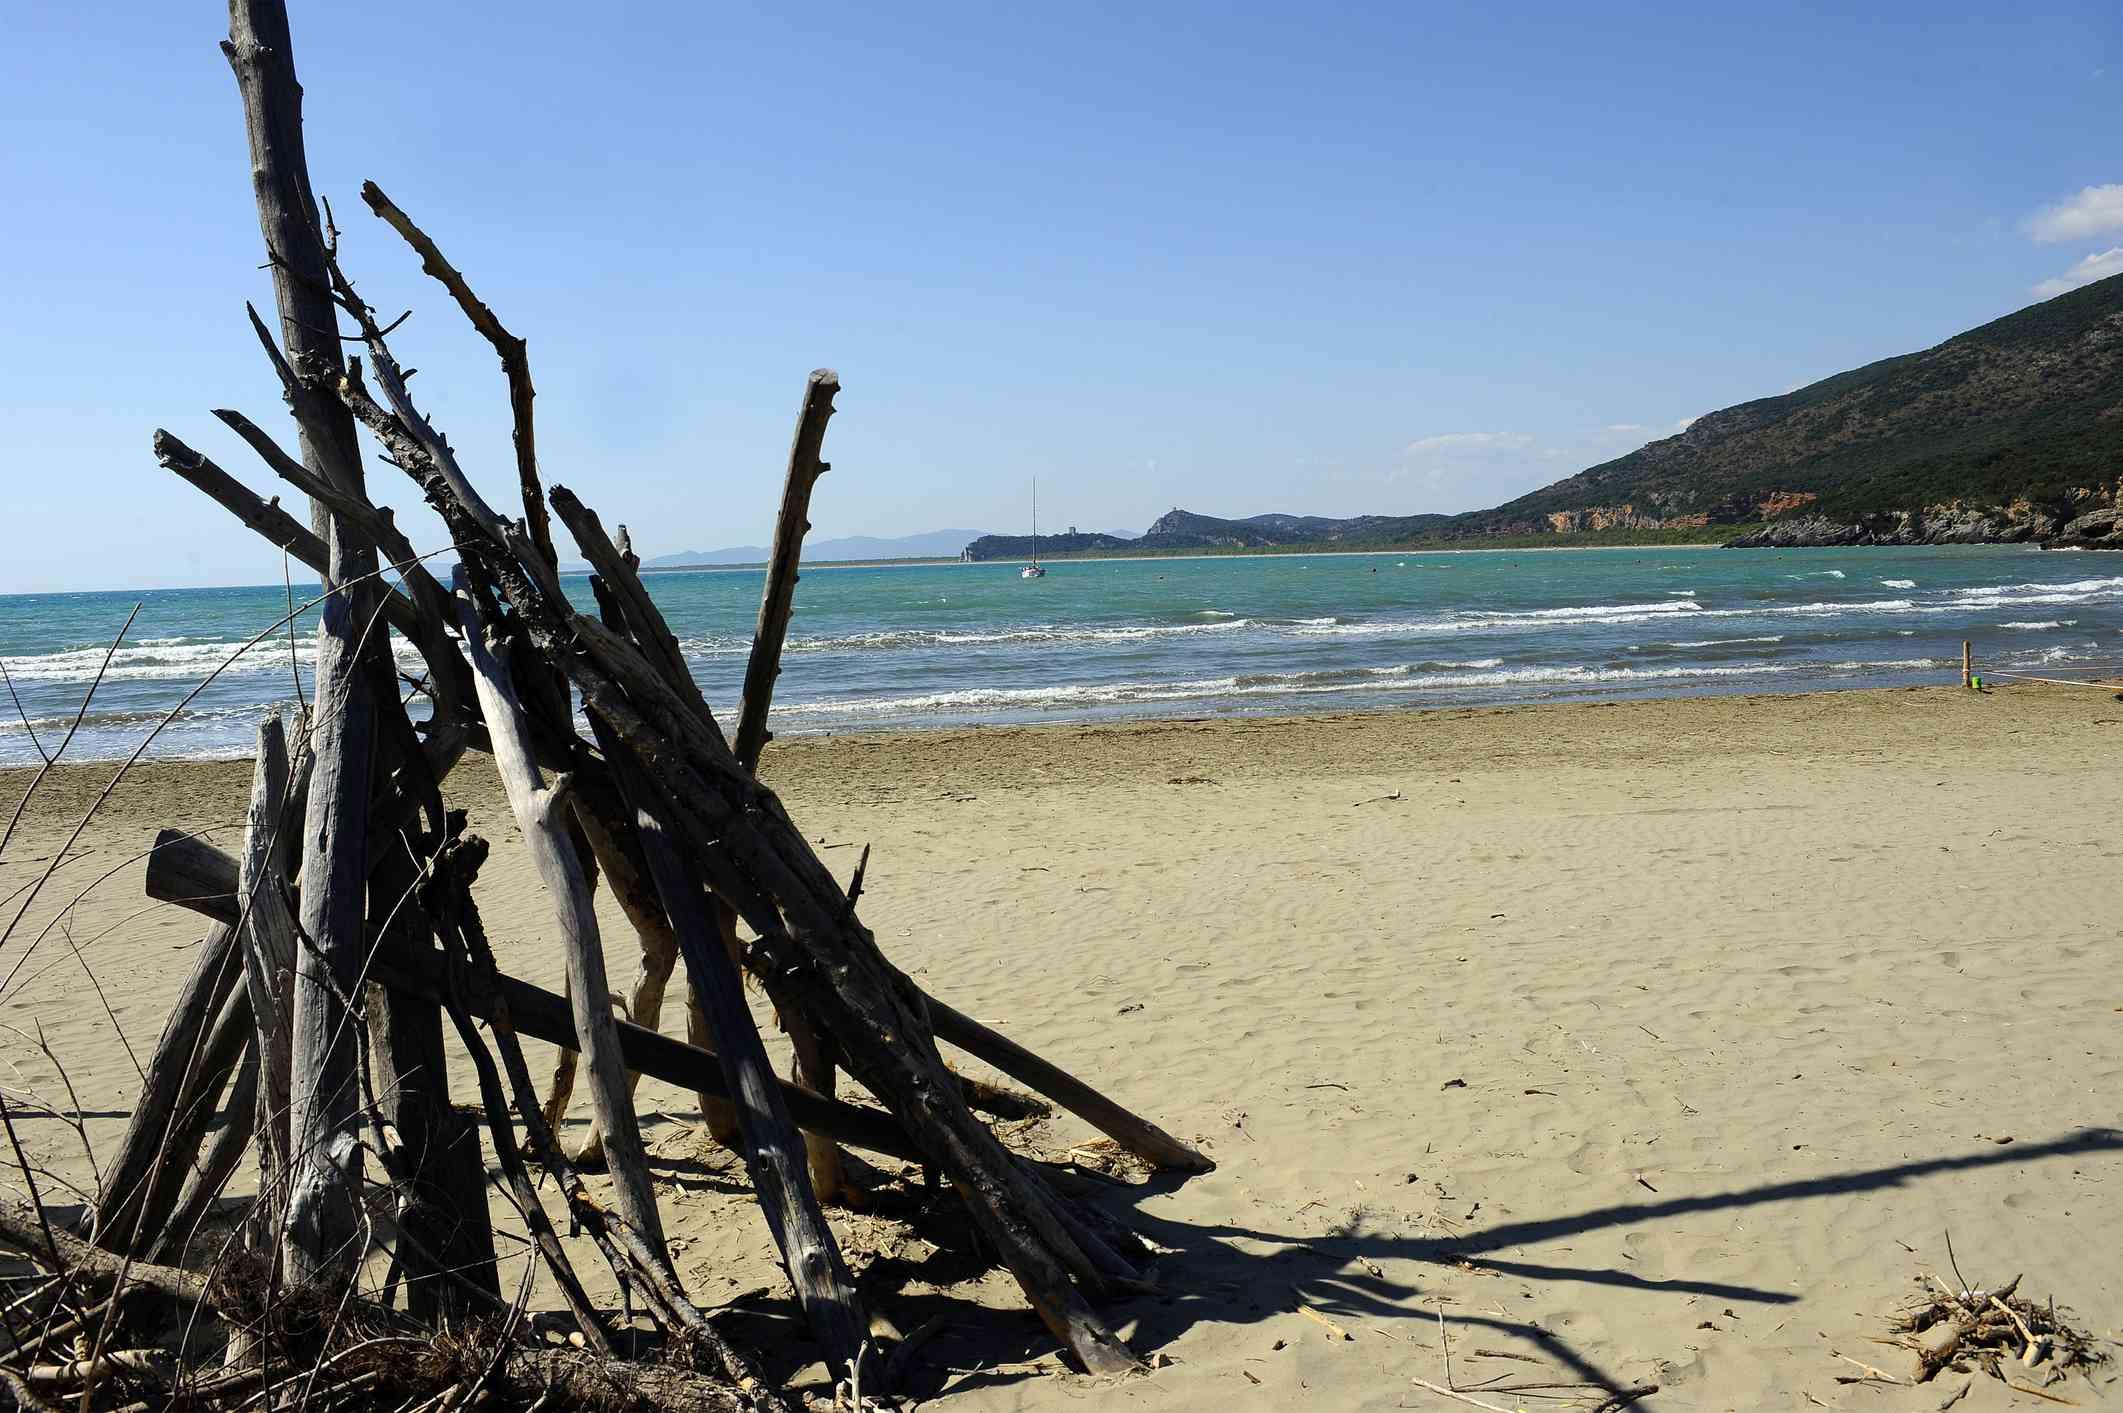 Beach at Marina di Alberese